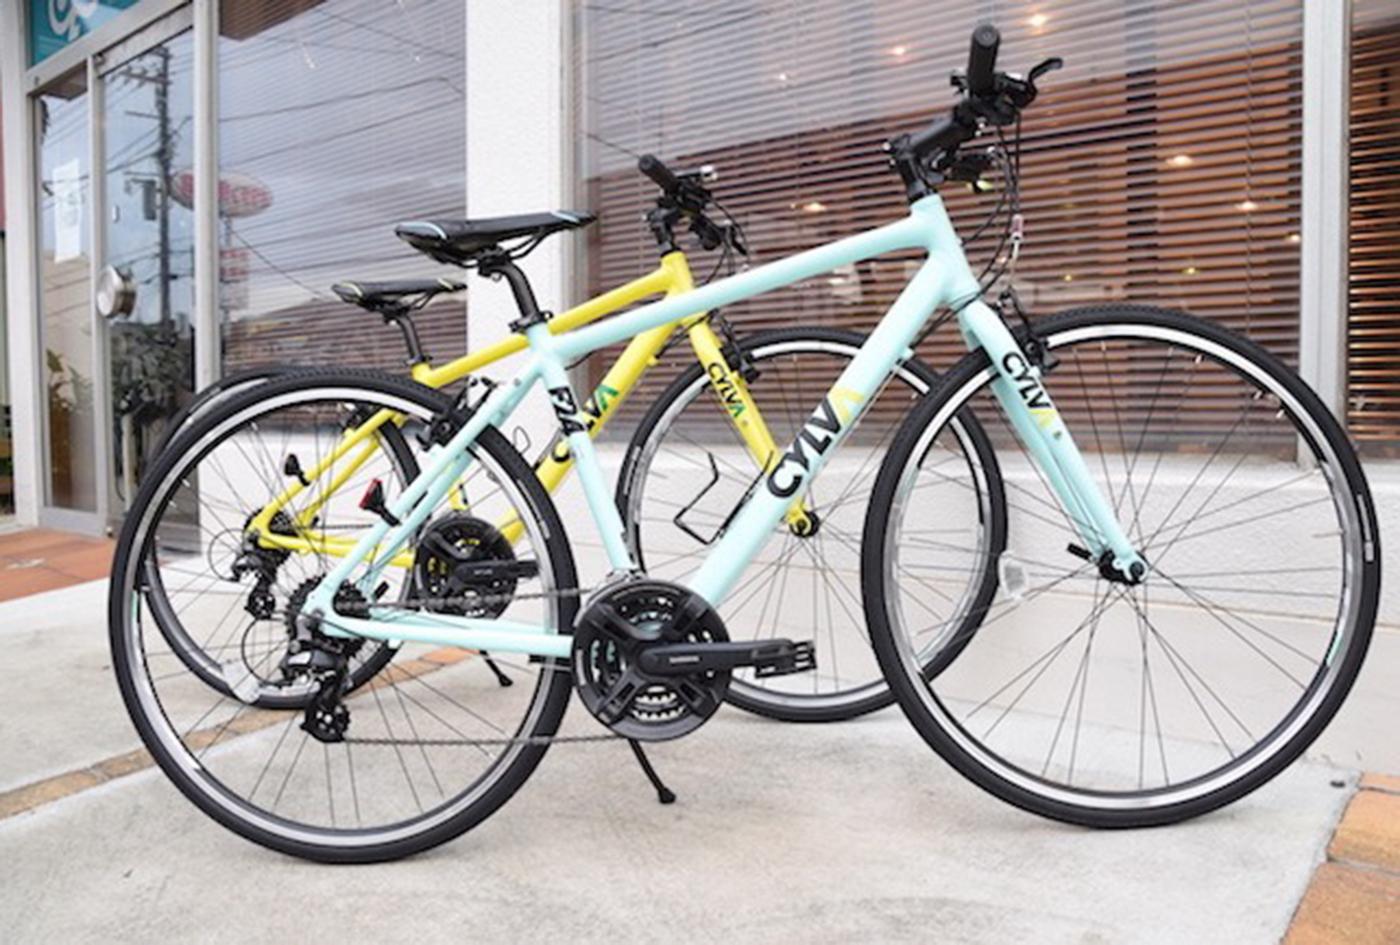 CYCLOG in 神戸(自転車で神戸の観光振興を)| 兵庫県